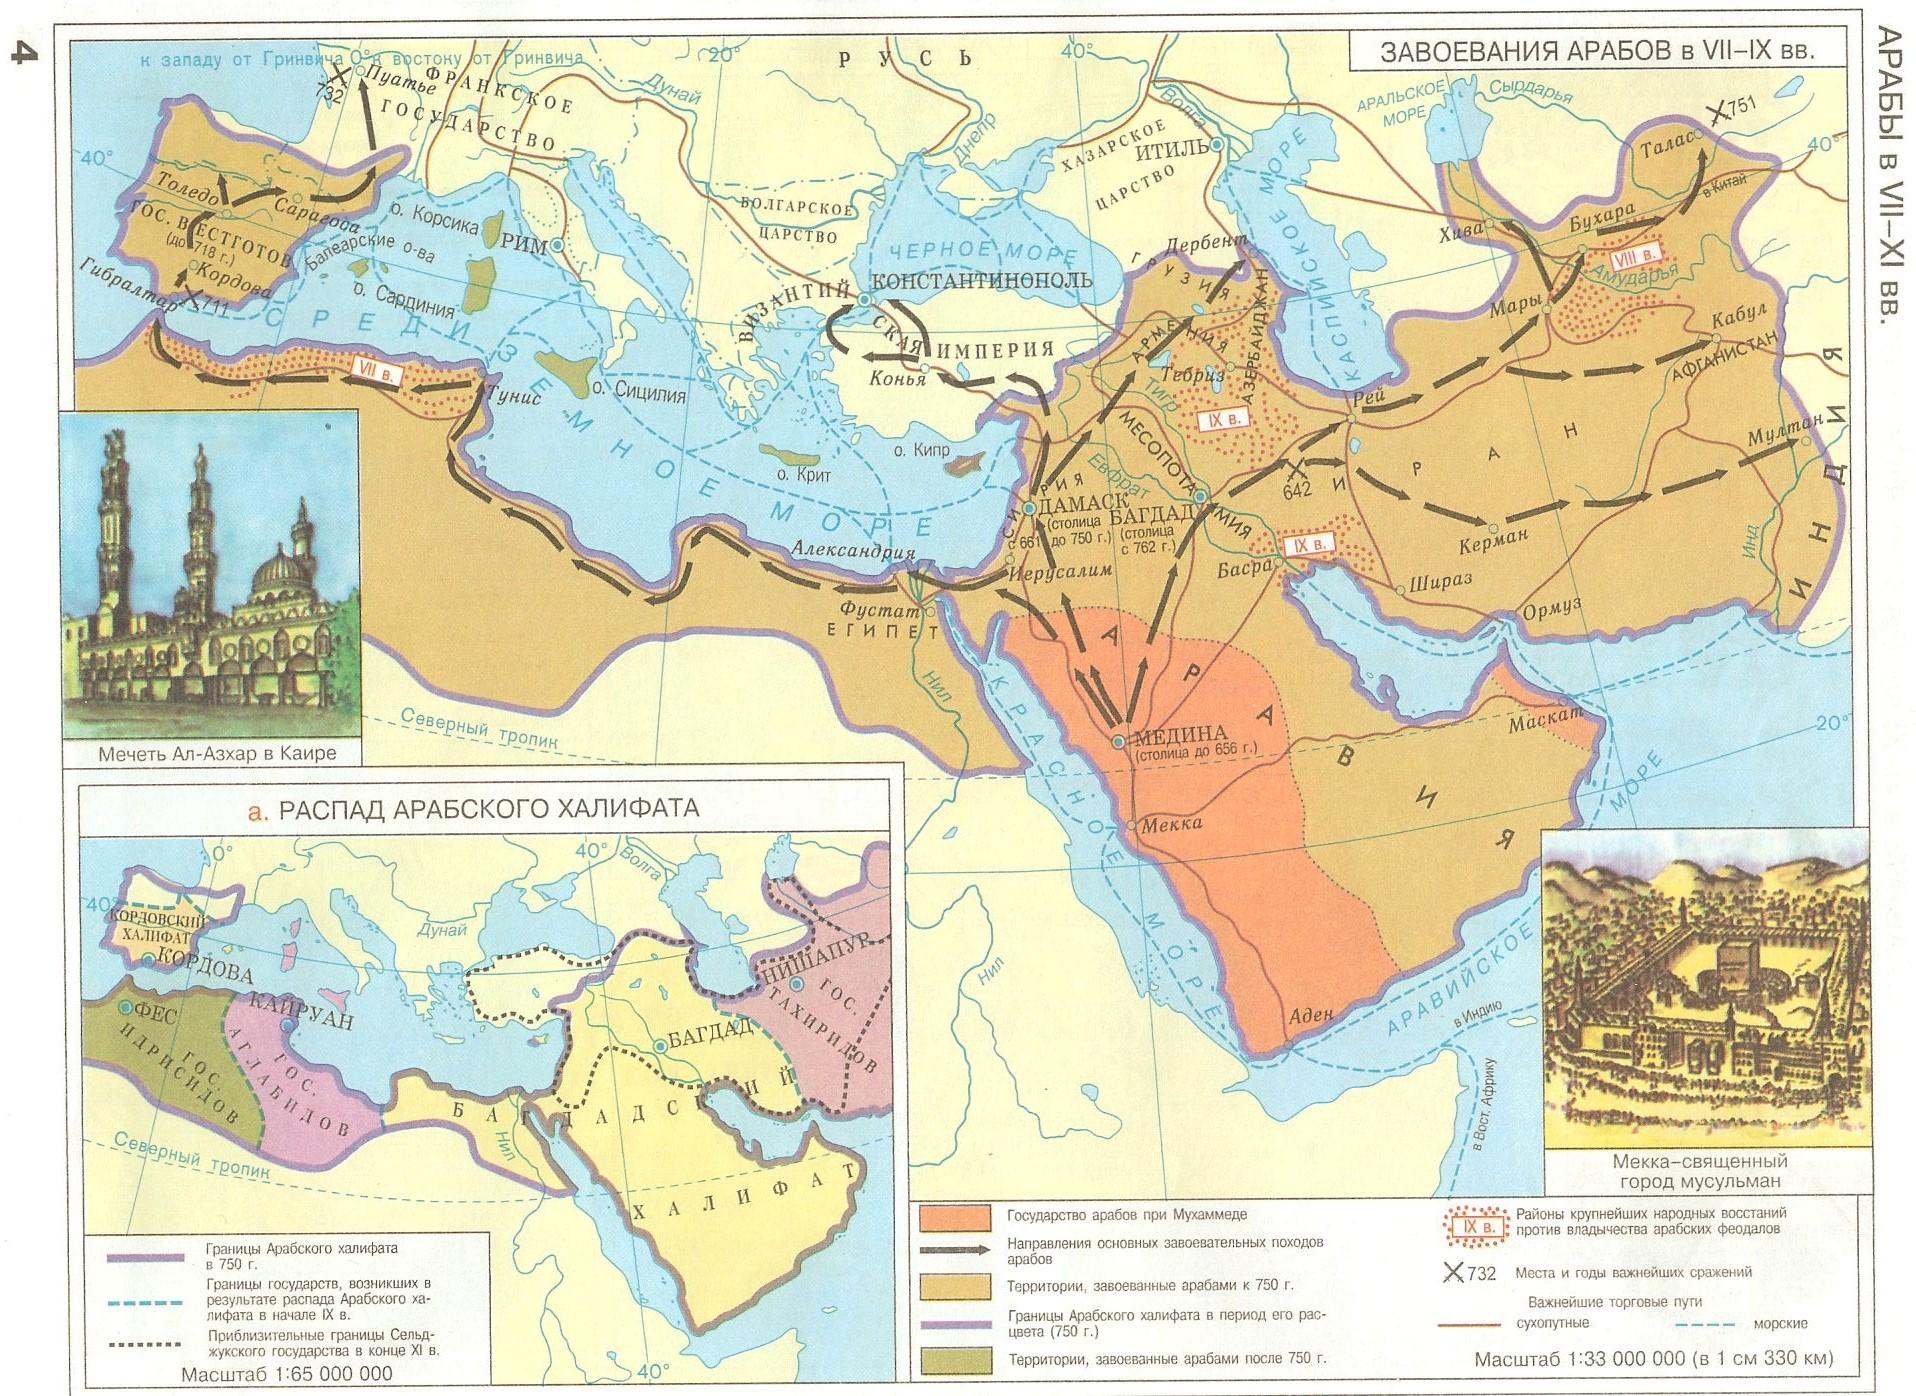 Арабы в vii xi веках 1916 1396 пикселей